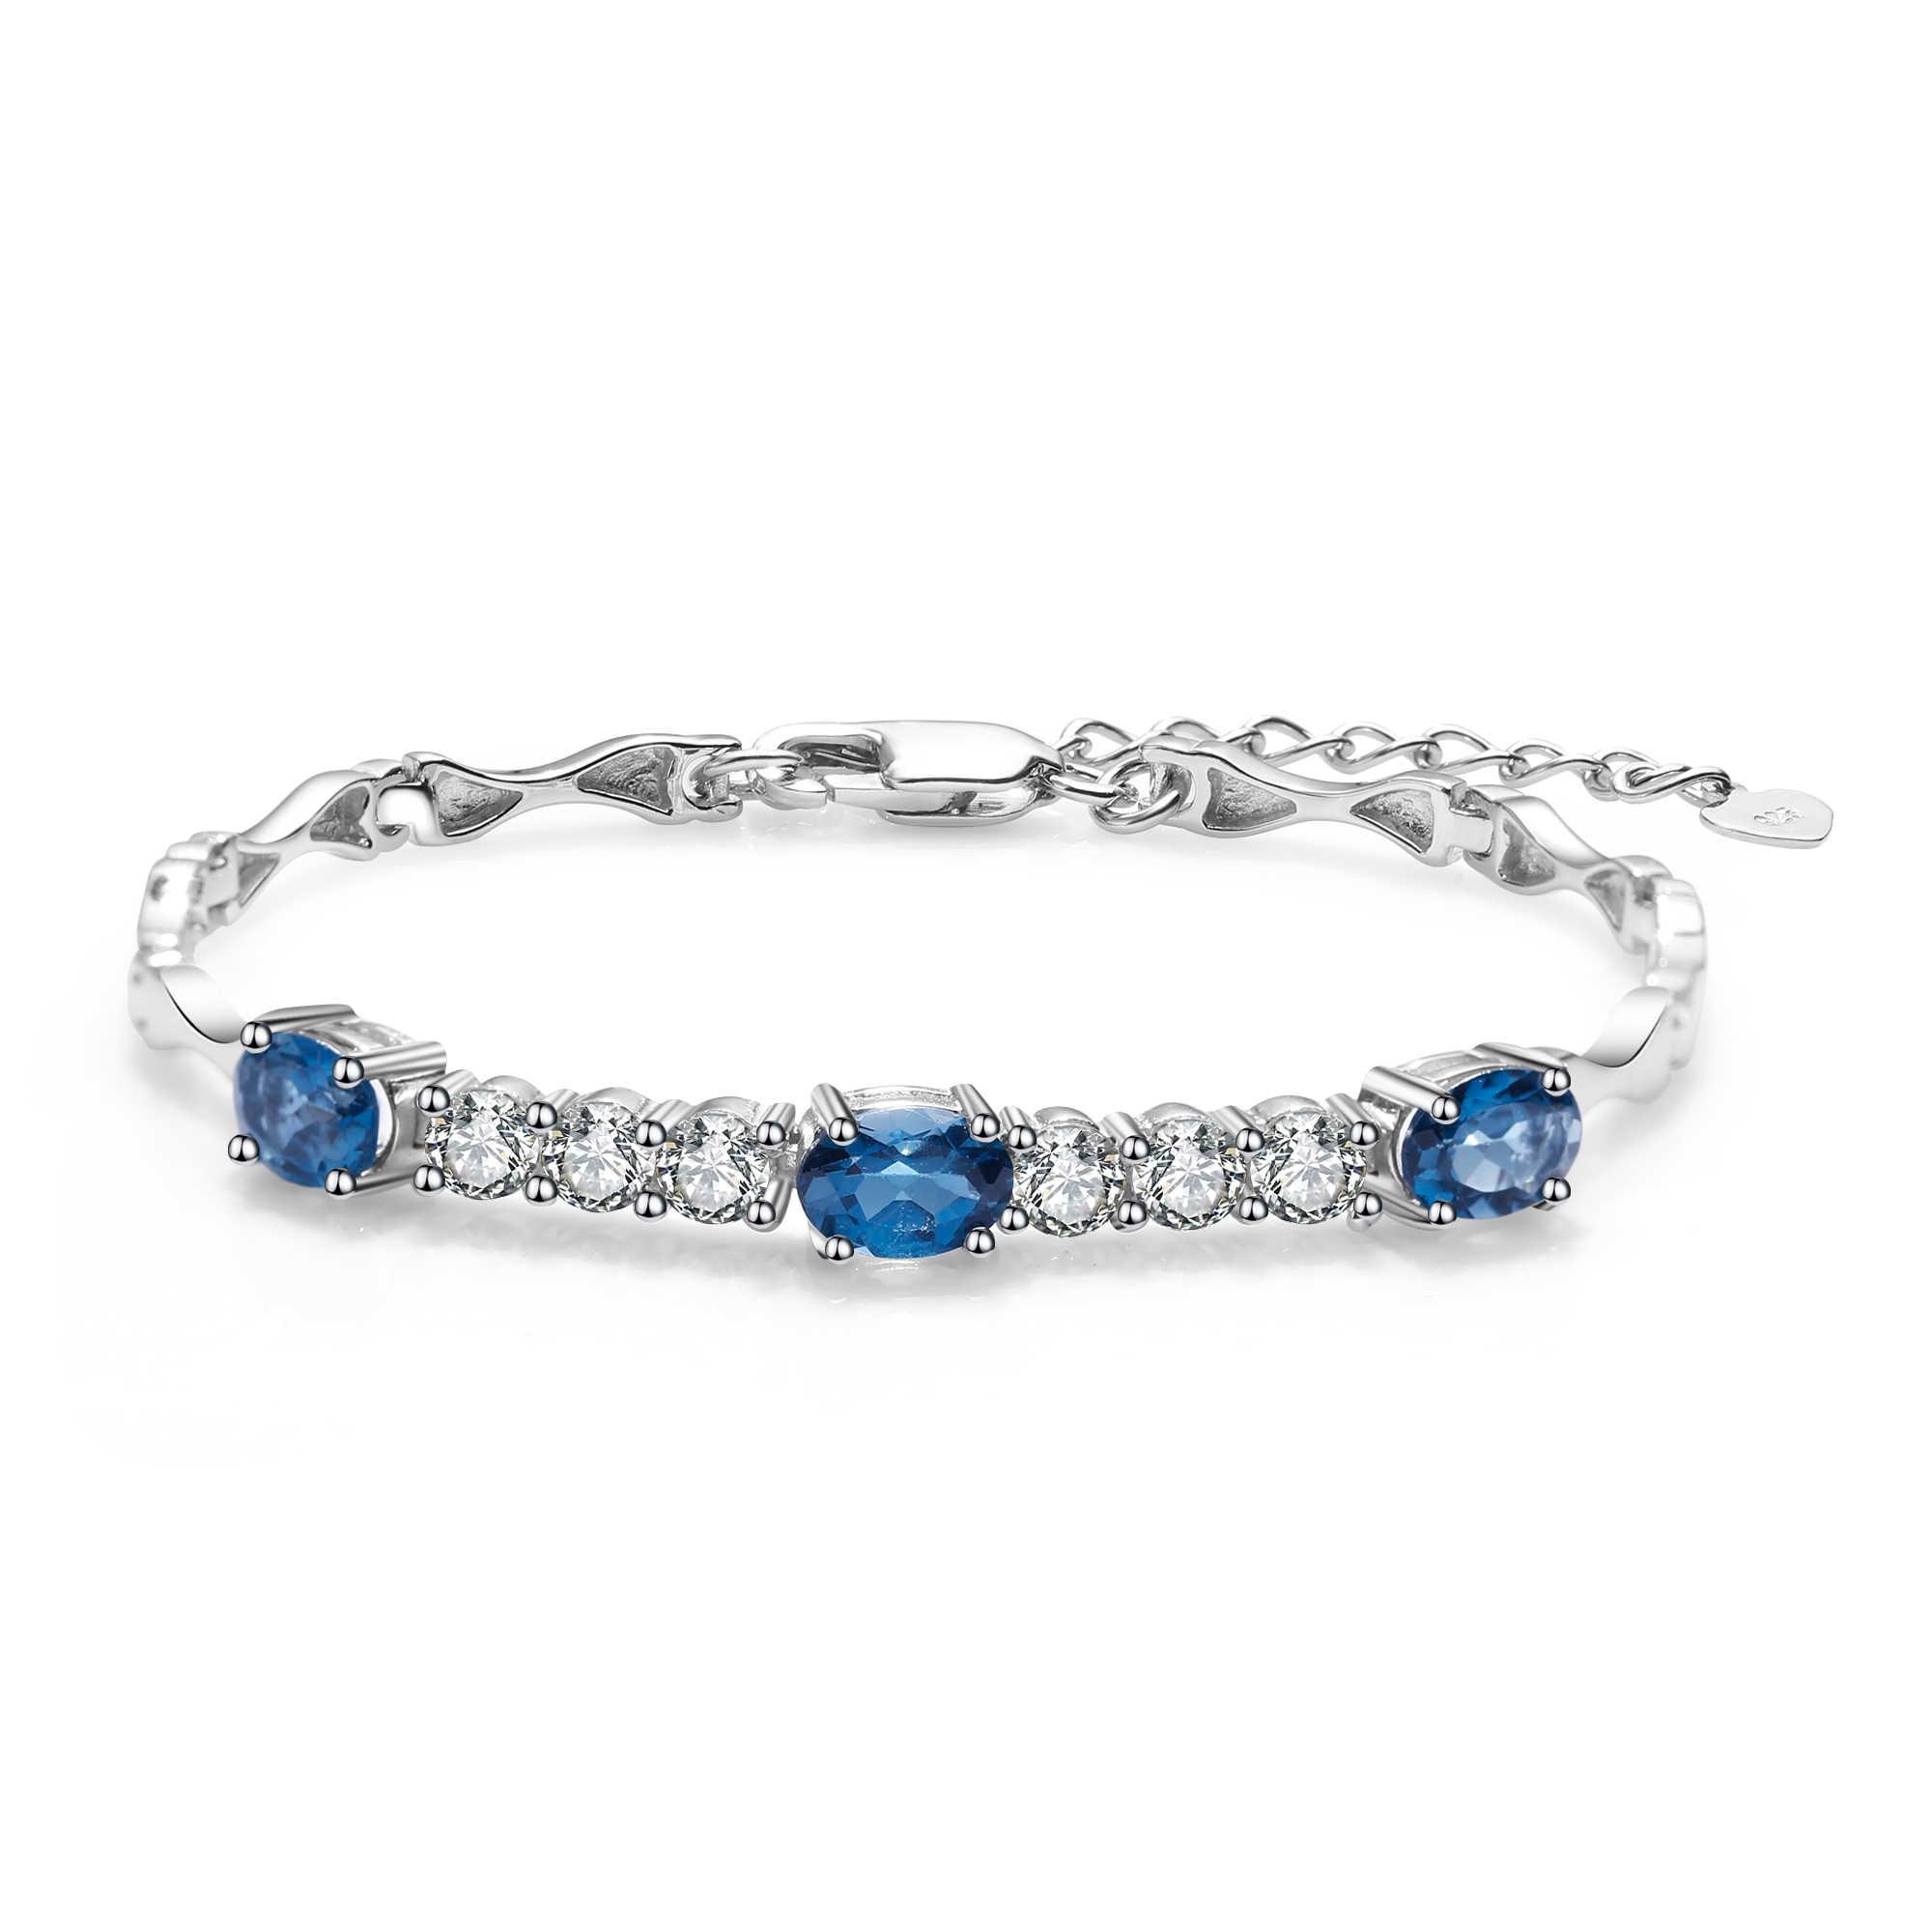 פנינה של בלט 925 סטרלינג כסף 3.00Ct טבעי לונדון טופז הכחולה חן צמידים וצמידים לנשים תכשיטי חתונה